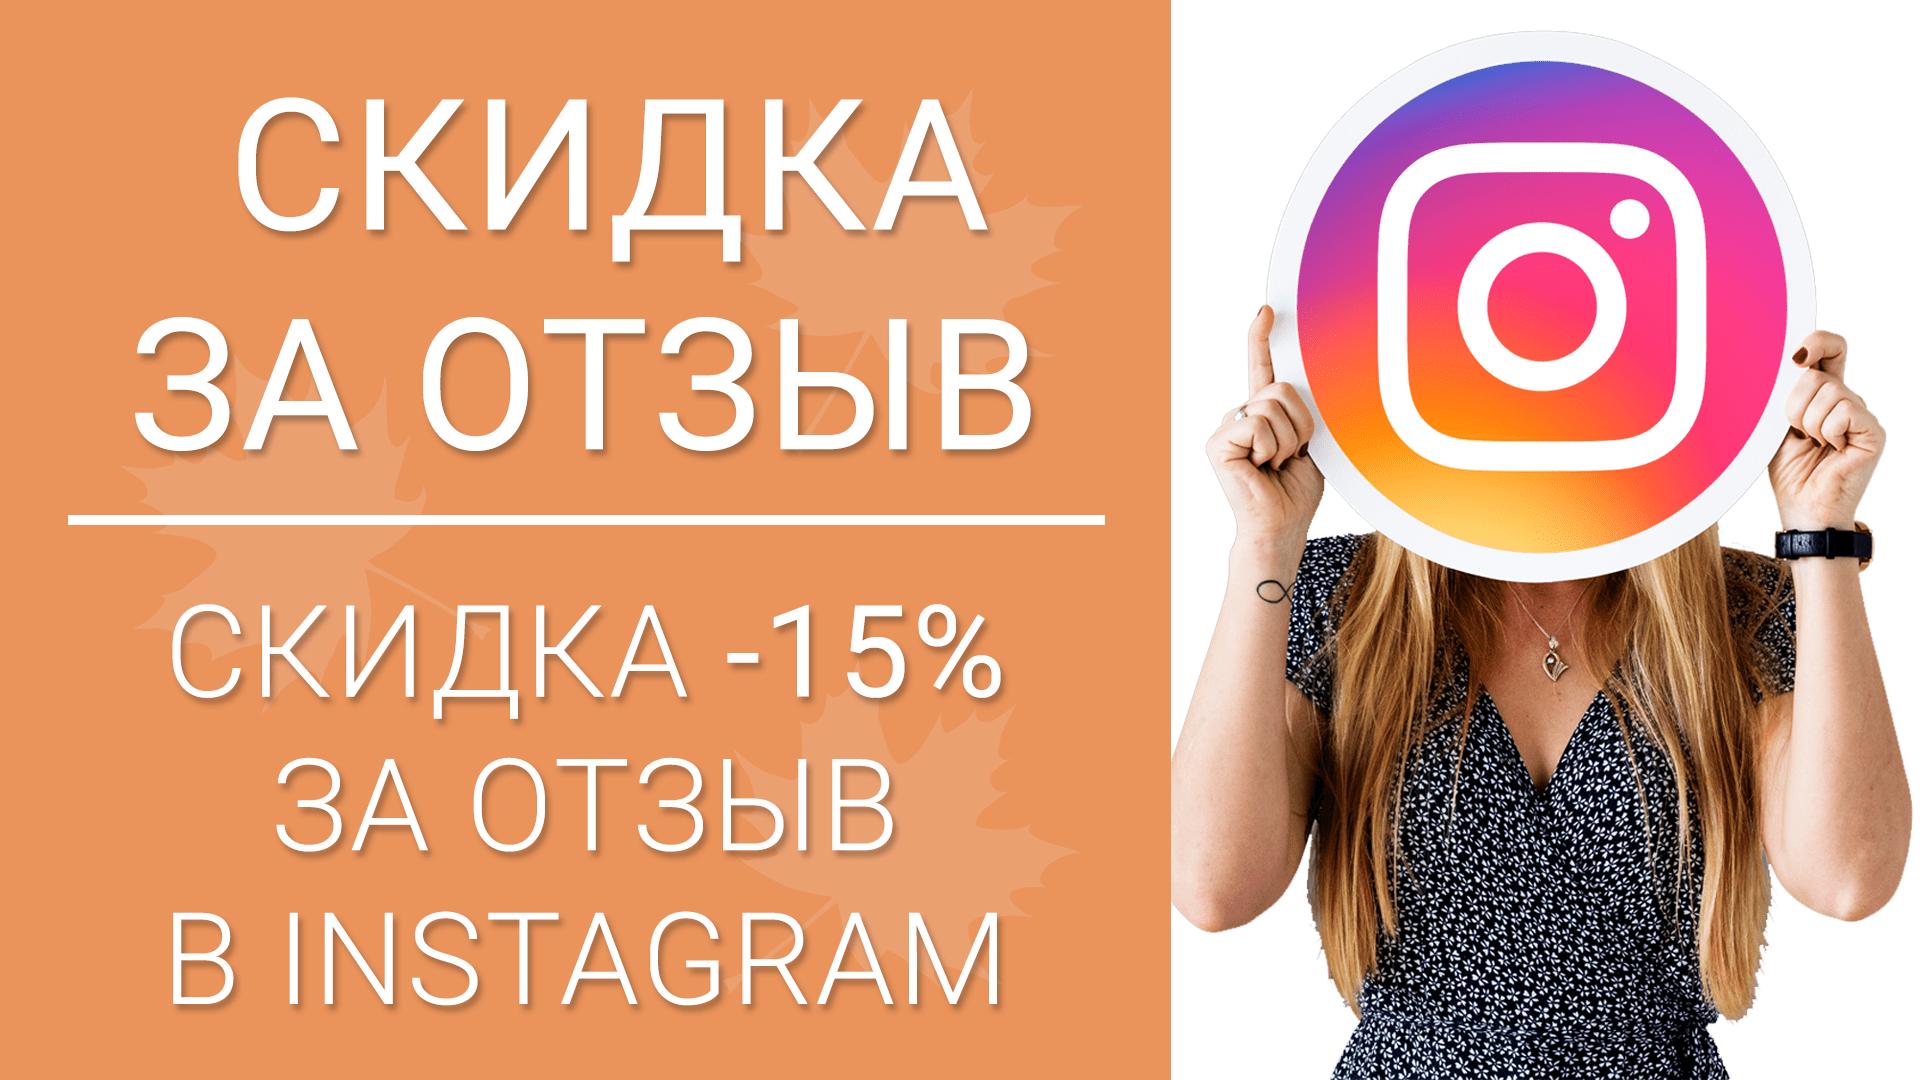 Для наших пациентов: скидка -15% за отзыв в Instagram!